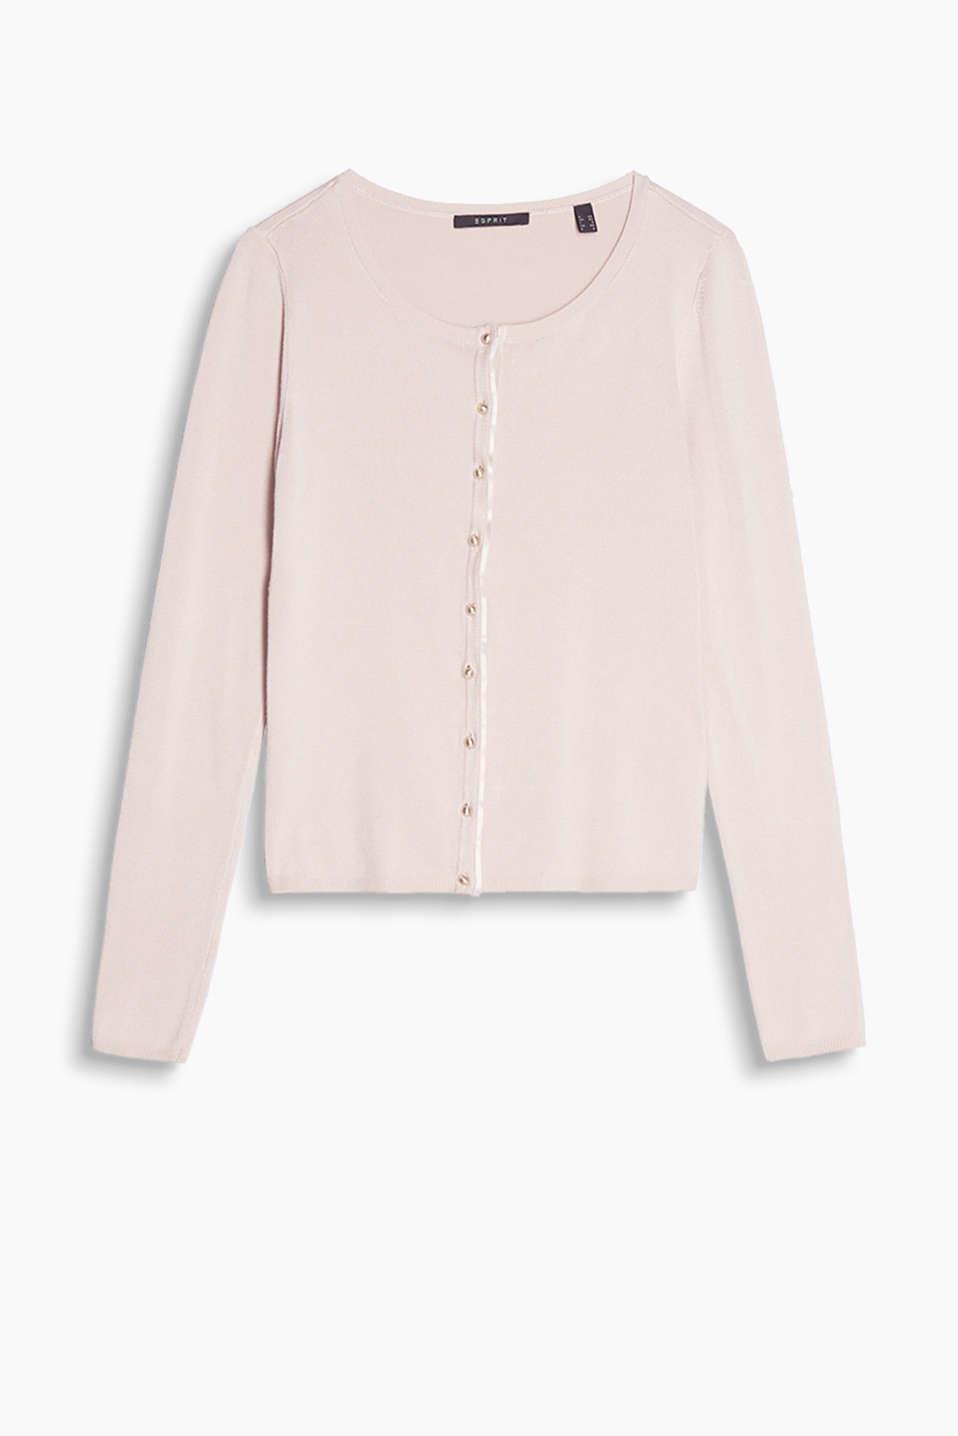 Esprit Feinstrick Cardigan mit Halbkugelknöpfen im Online